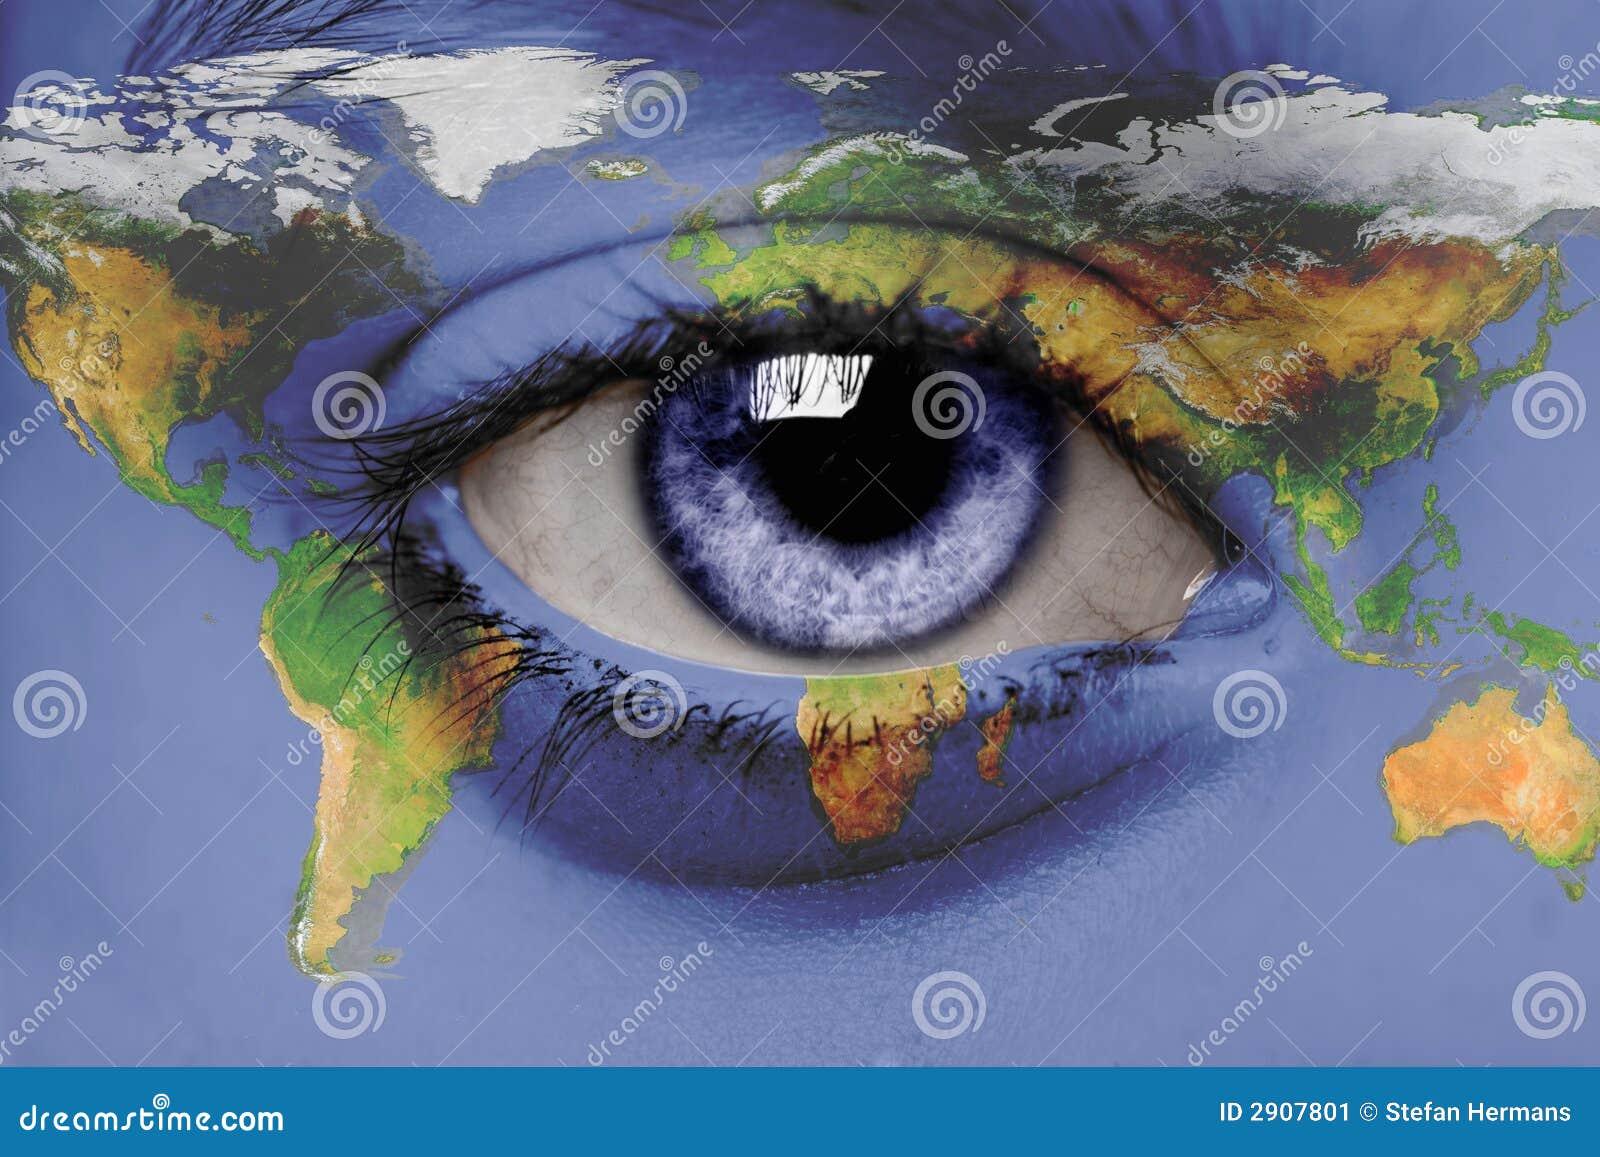 culturen over de wereld gratis chatten nl